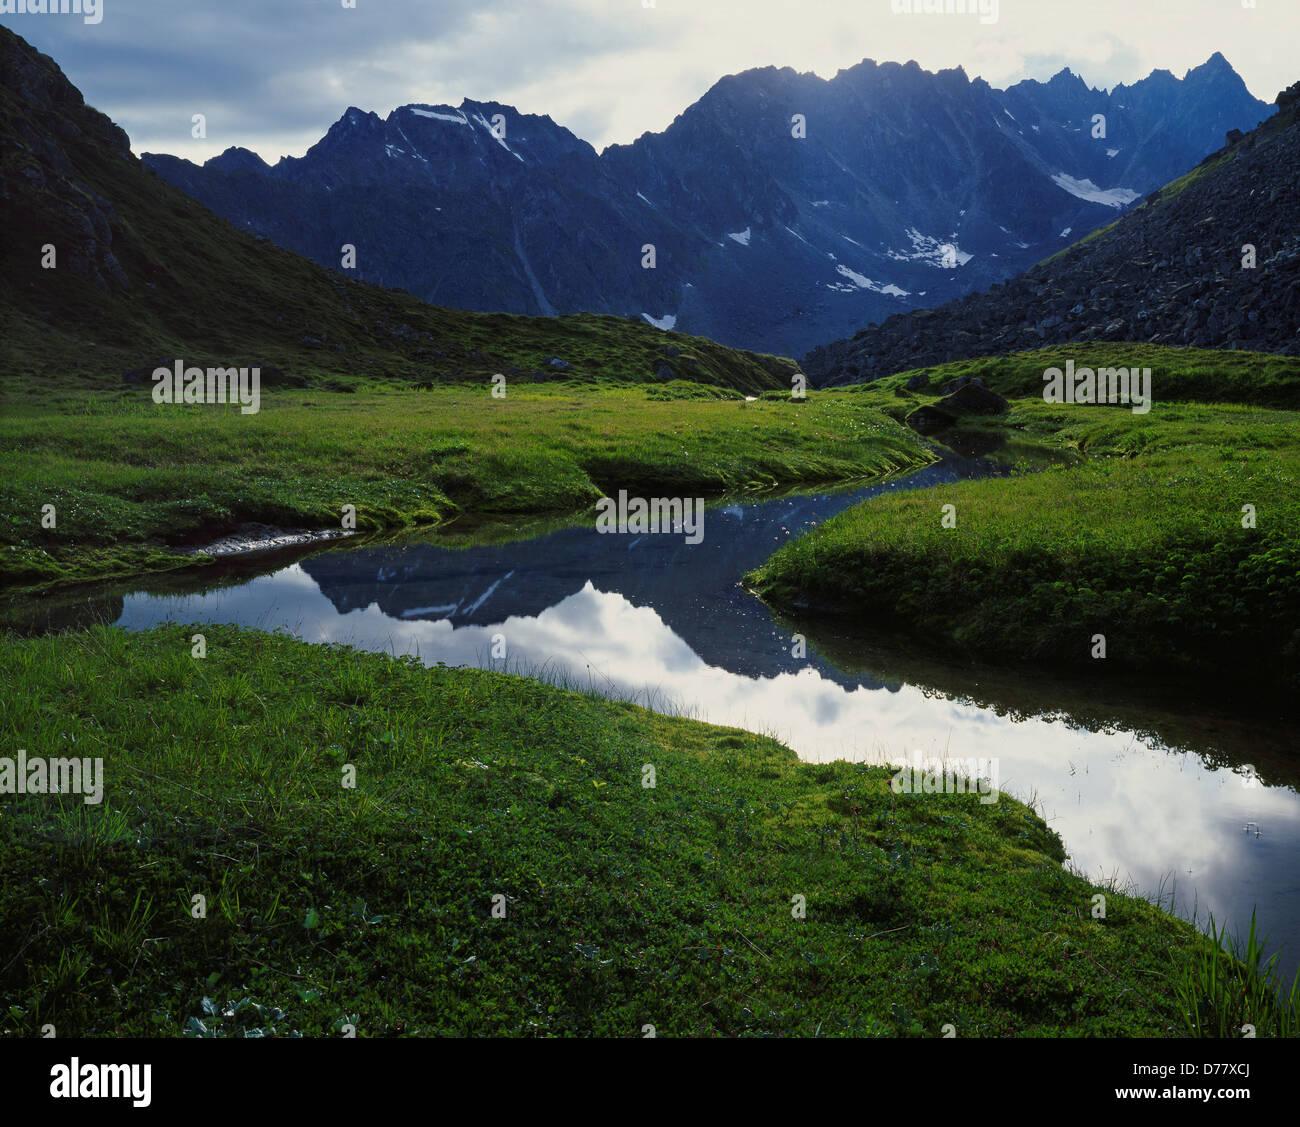 Pics dentelés Talkeetna Mountains vue vallée alpine au-dessus du ruisseau de l'Archange de l'Alaska. Banque D'Images